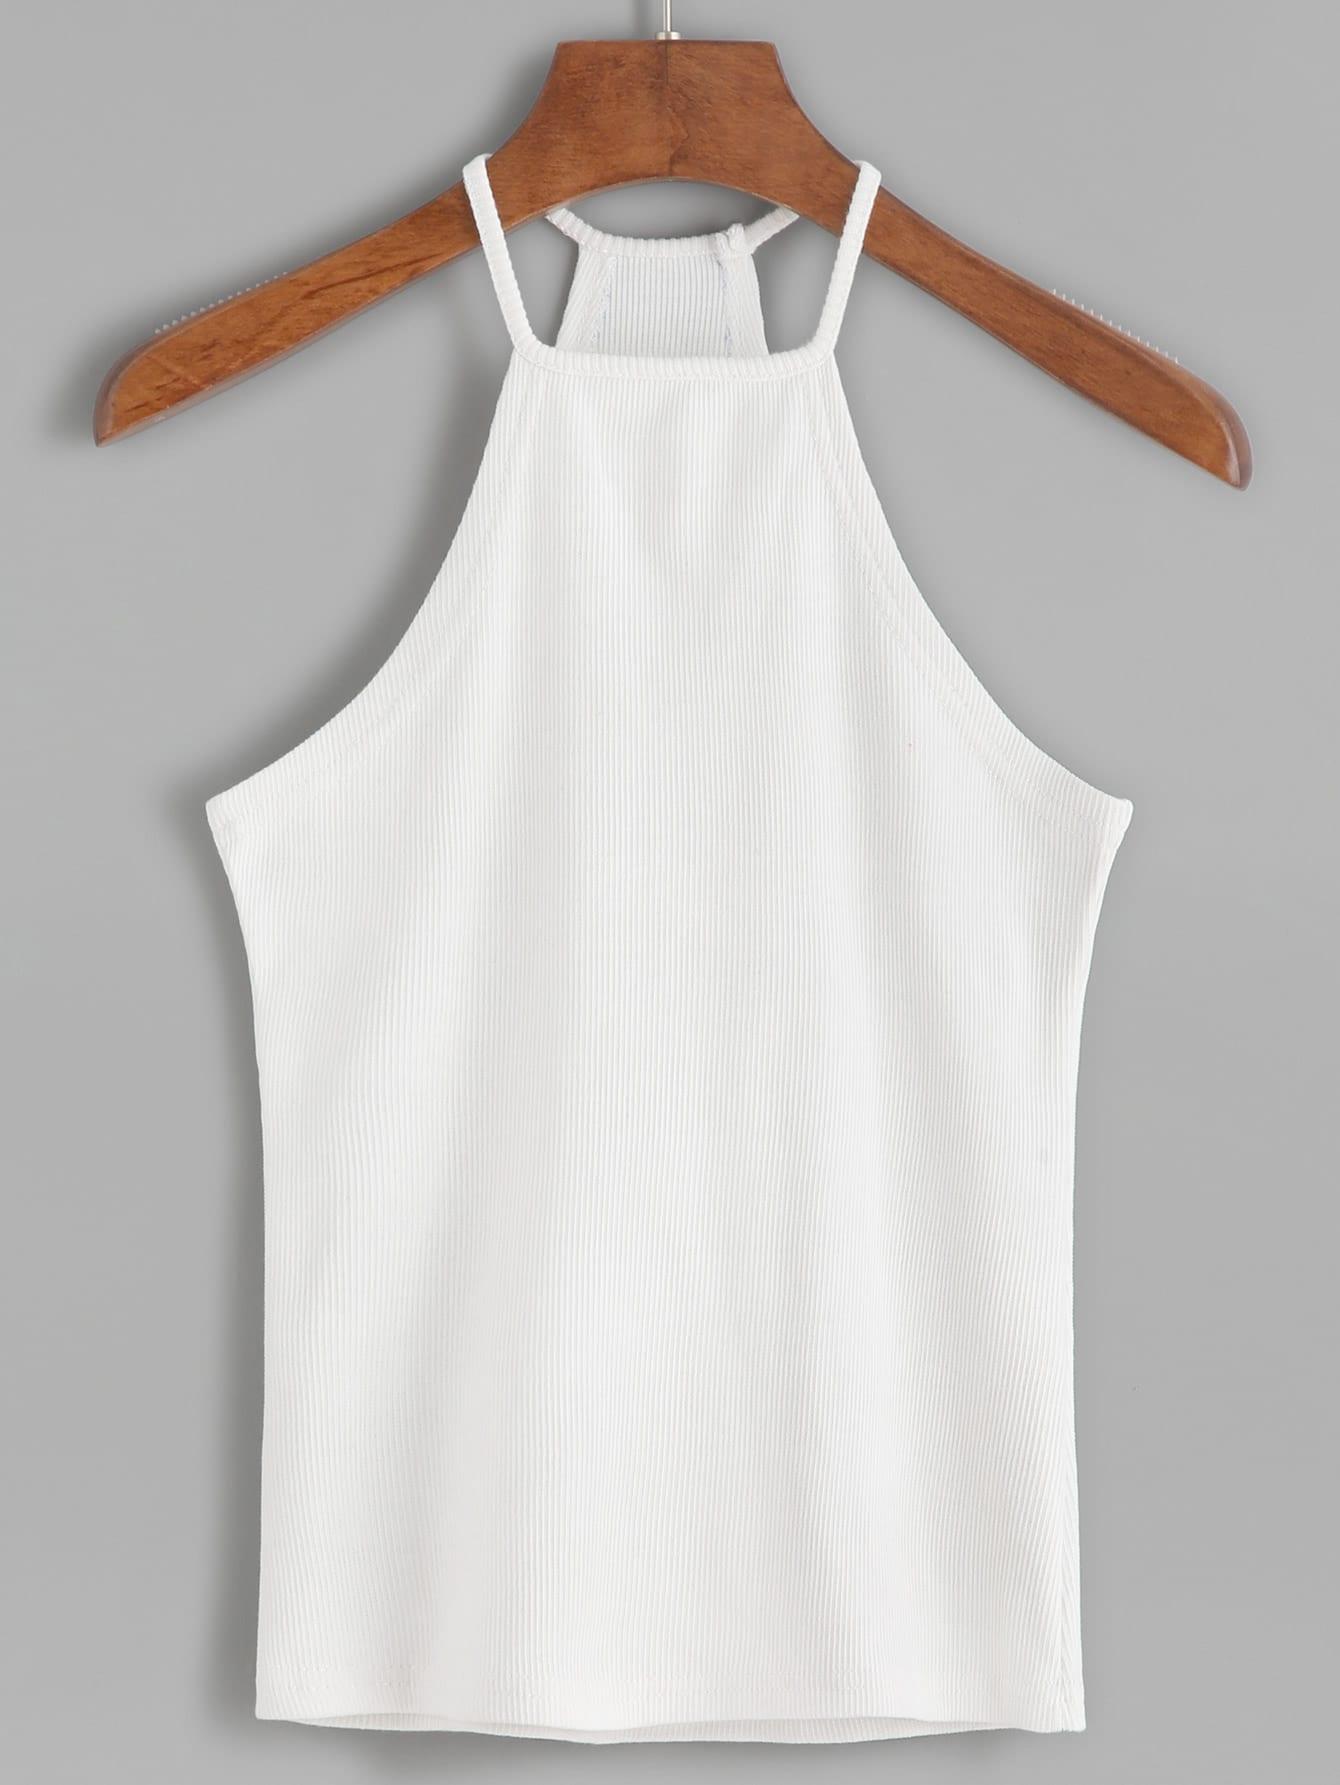 White Halter Ribbed Cami Top vest160819001